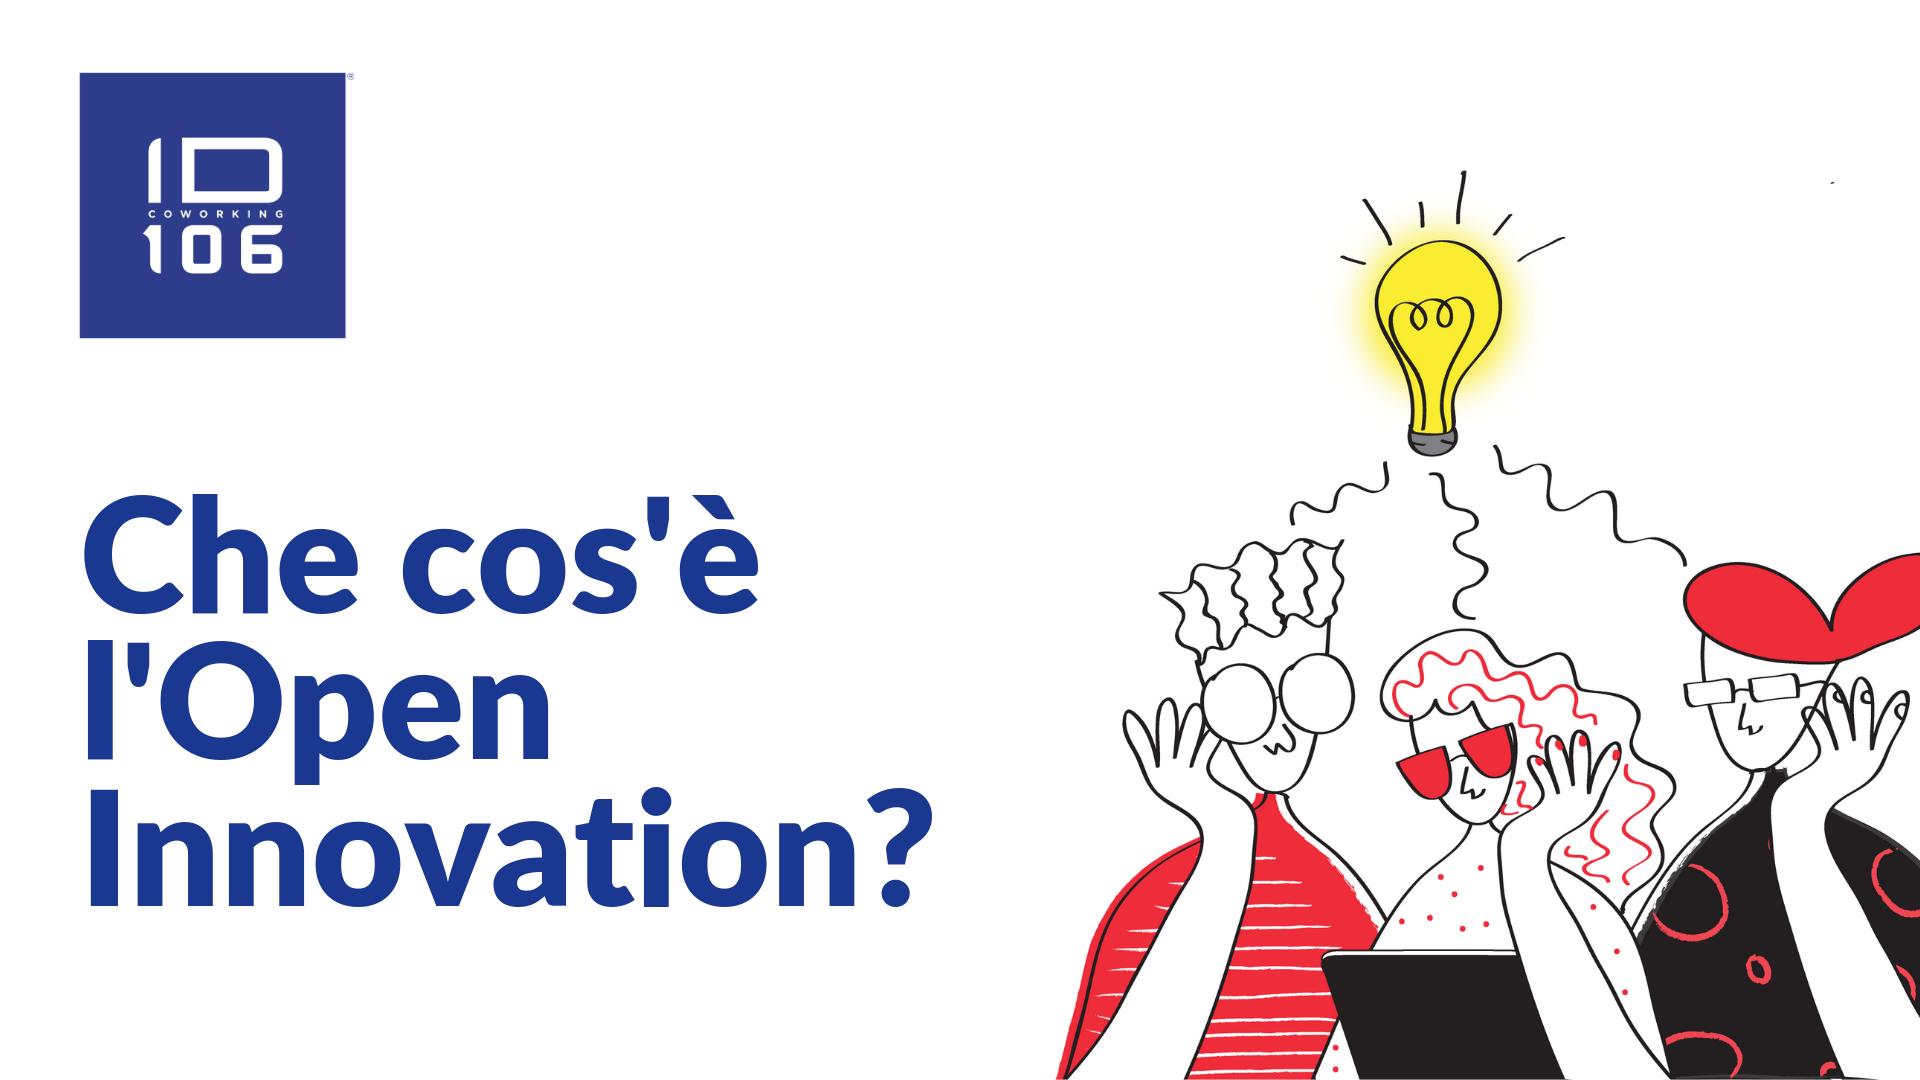 Copy of legge-di-bilancio-startup-id106 (1)